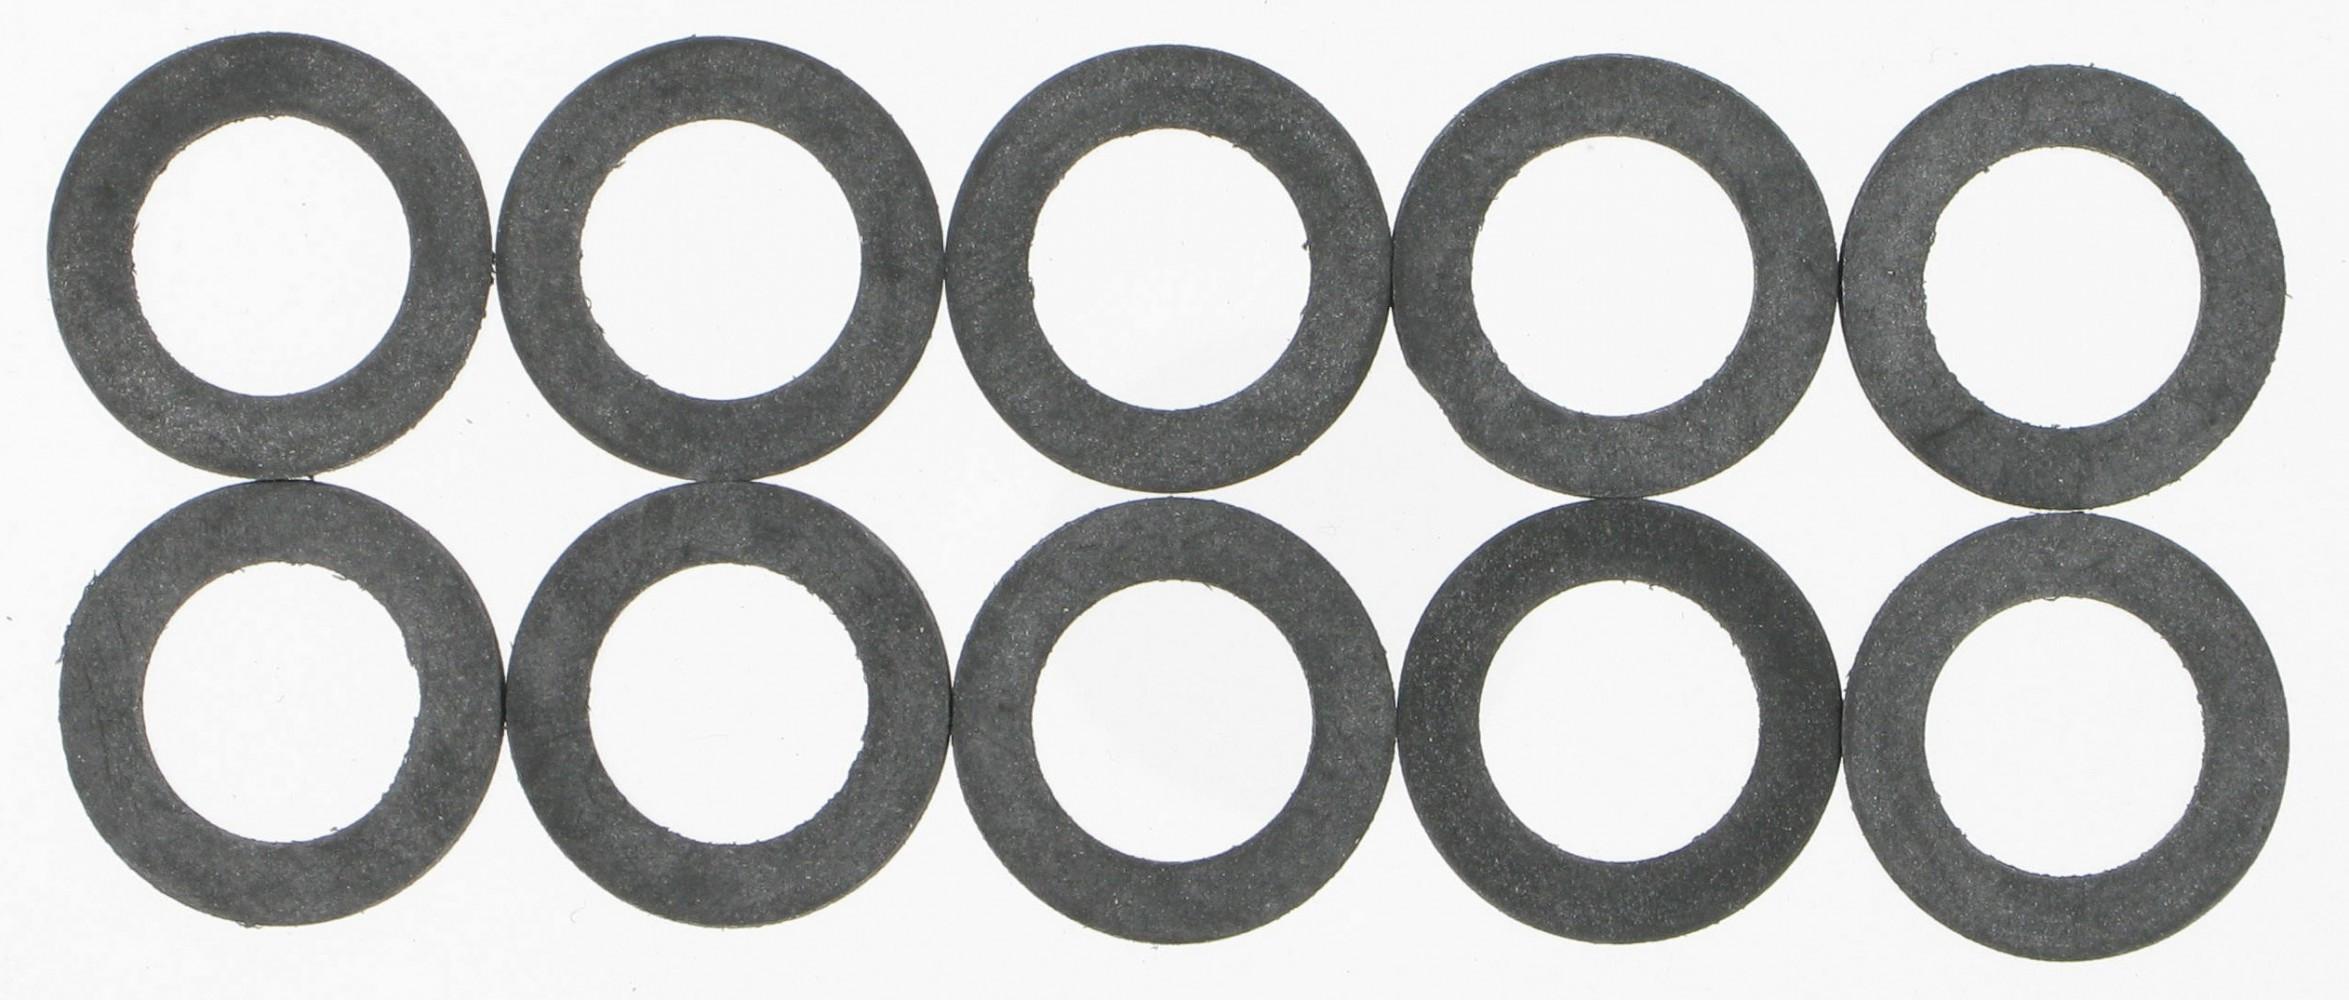 Lot de 10 joints caoutchouc, 8/13 mm COMAP